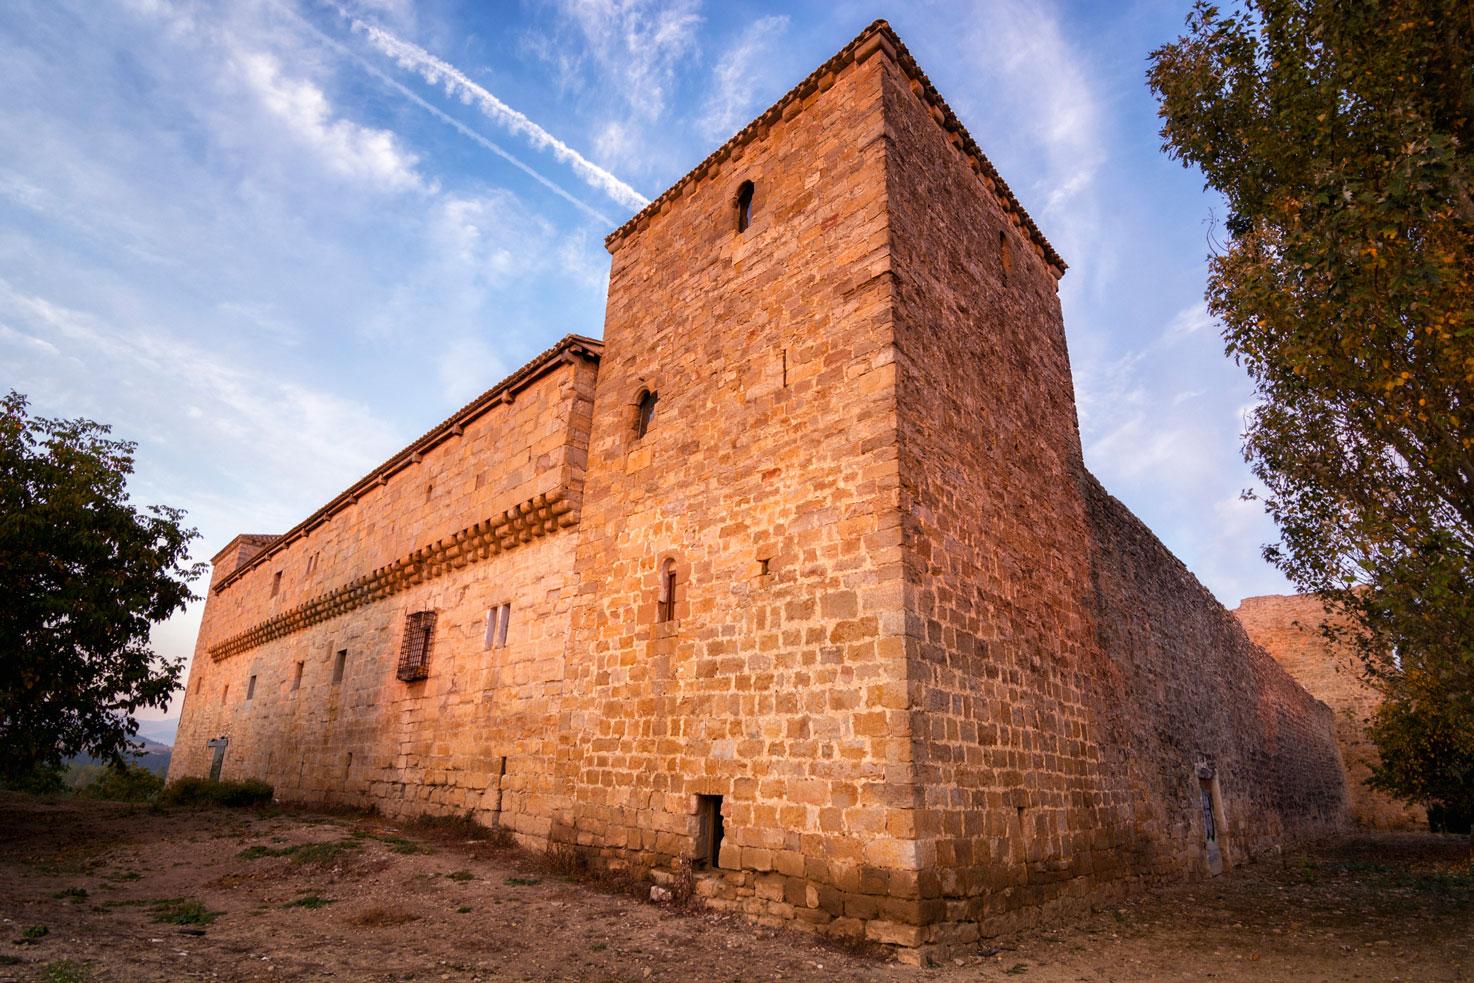 El último bastión, Palacio Arazuri, Navarra. - Archivo - Iñaki Larrea, Fotografía de naturaleza y montaña